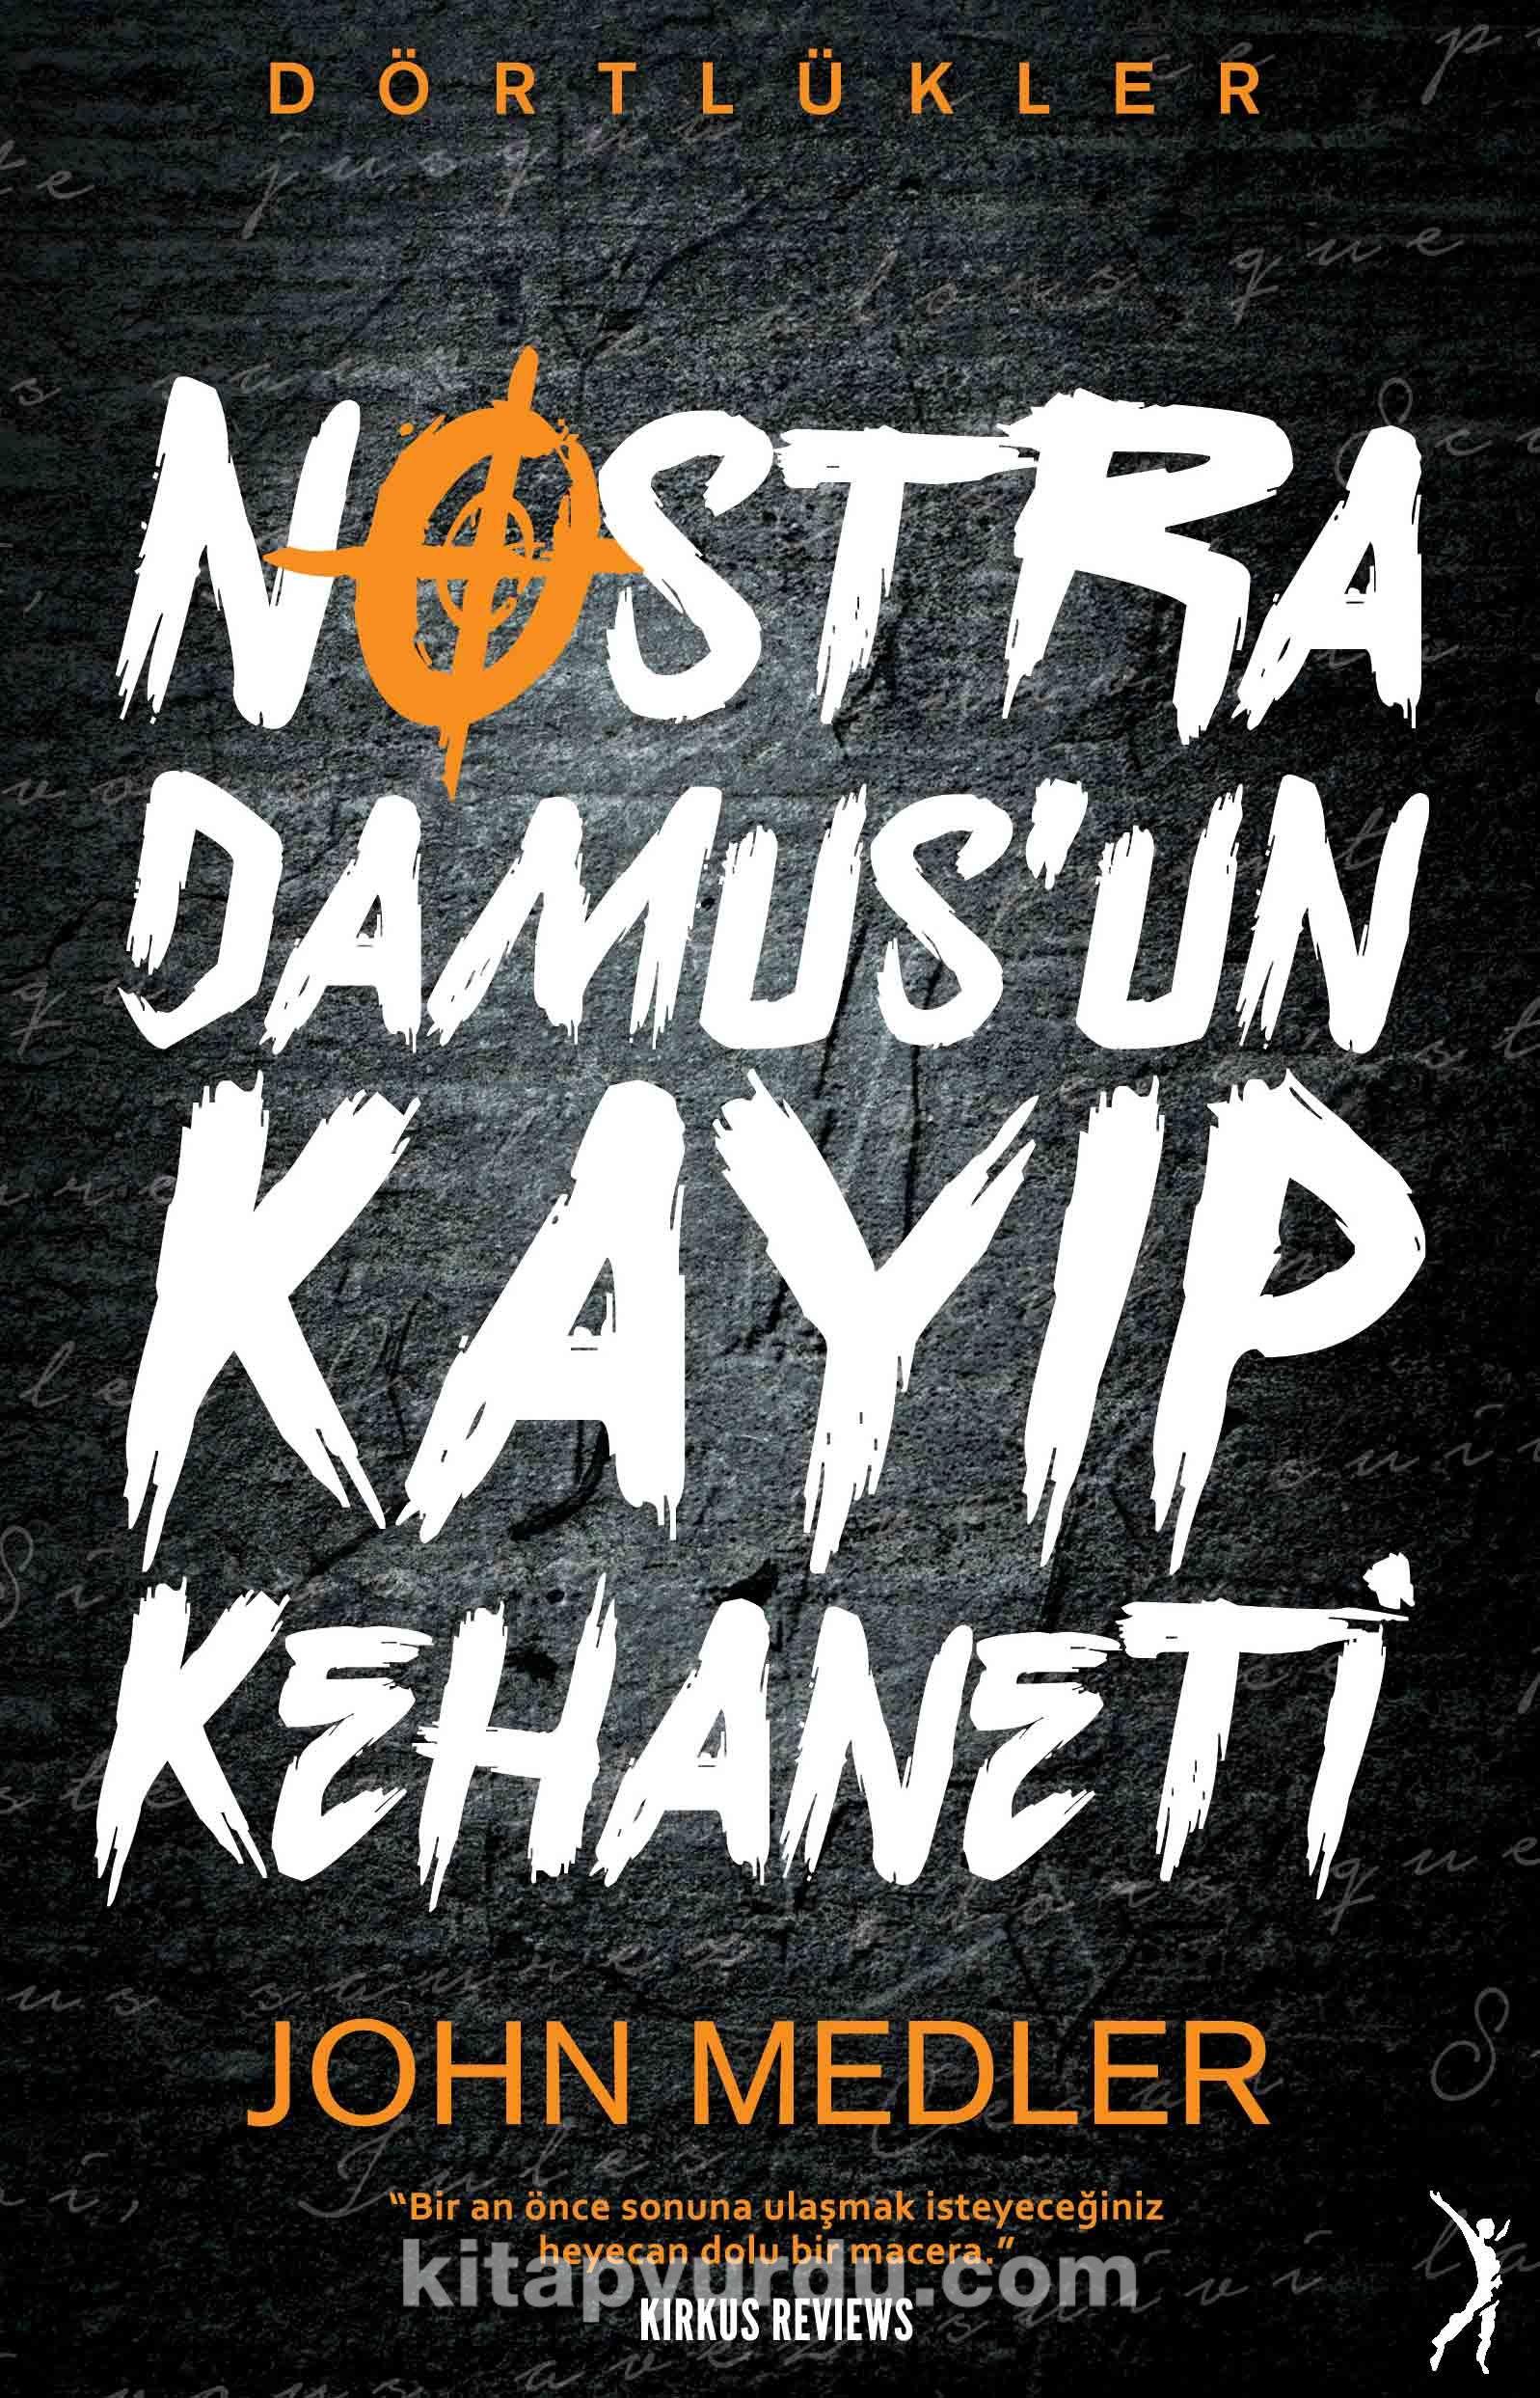 Dörtlükler - Nostradamus un Kayıp Kehaneti